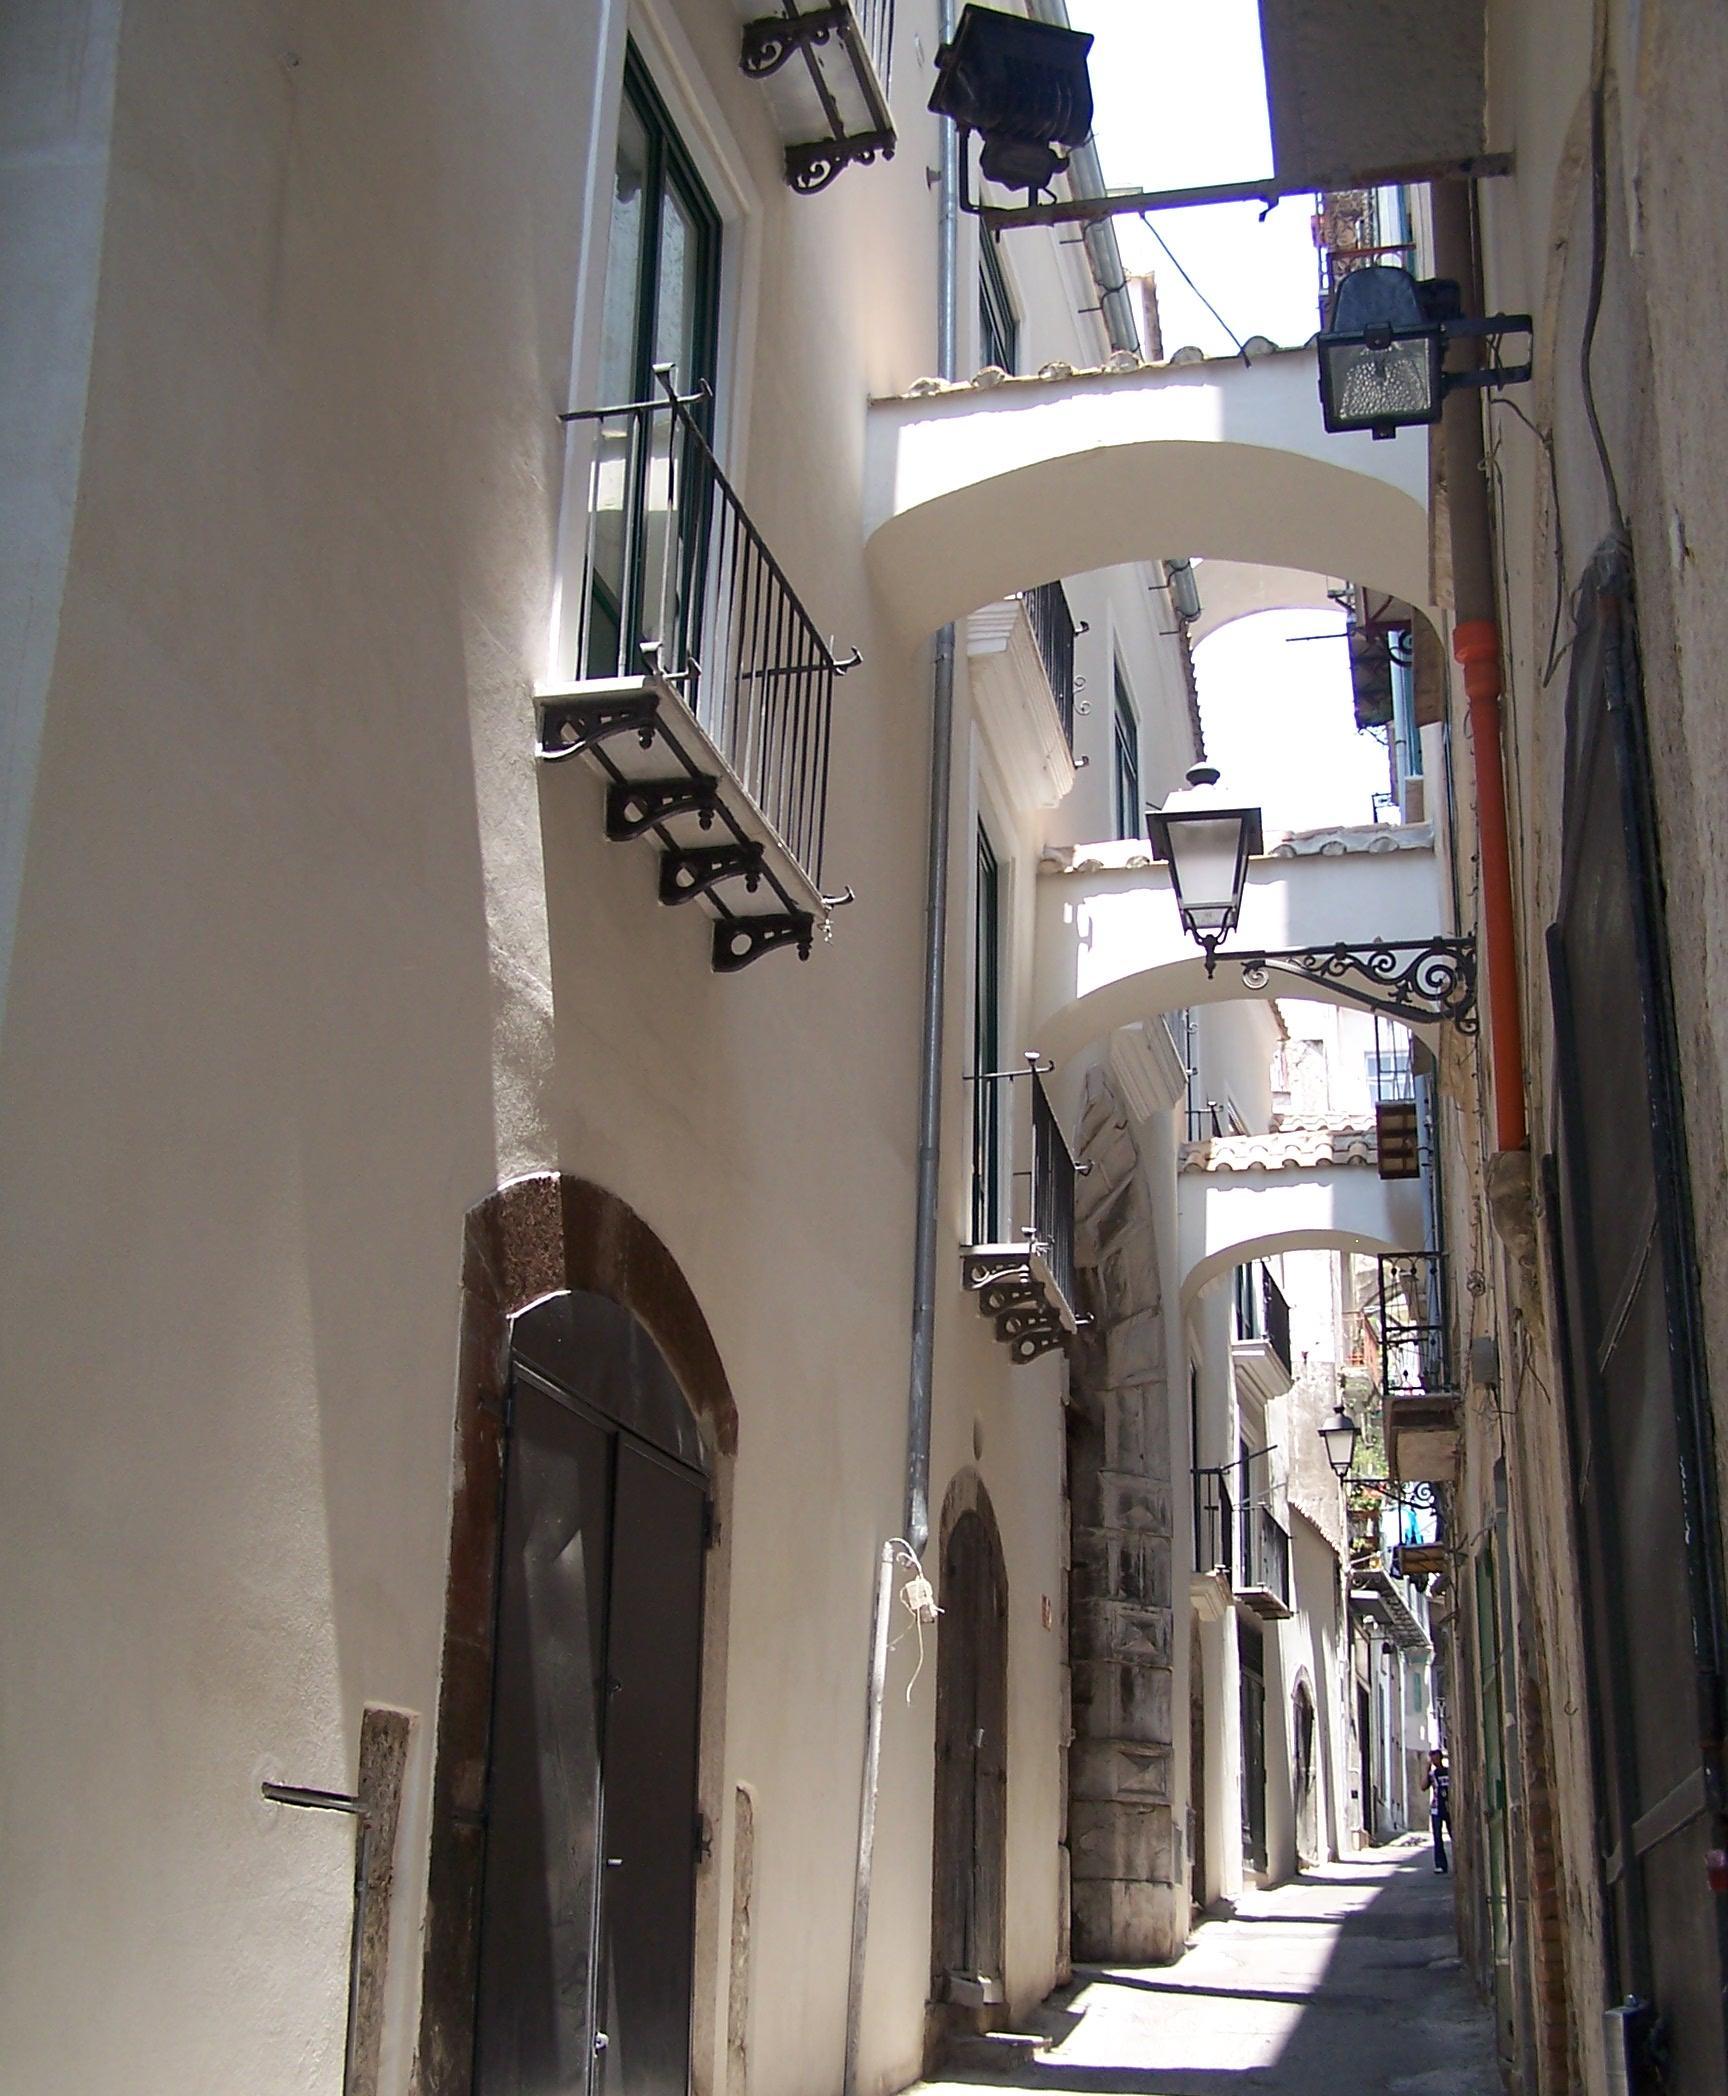 Catedrala Ambo D'Ajello, interiorul ei este ornat cu frumoase modele, unele părând a fi chiar de inspirație arabă, doar o aparență